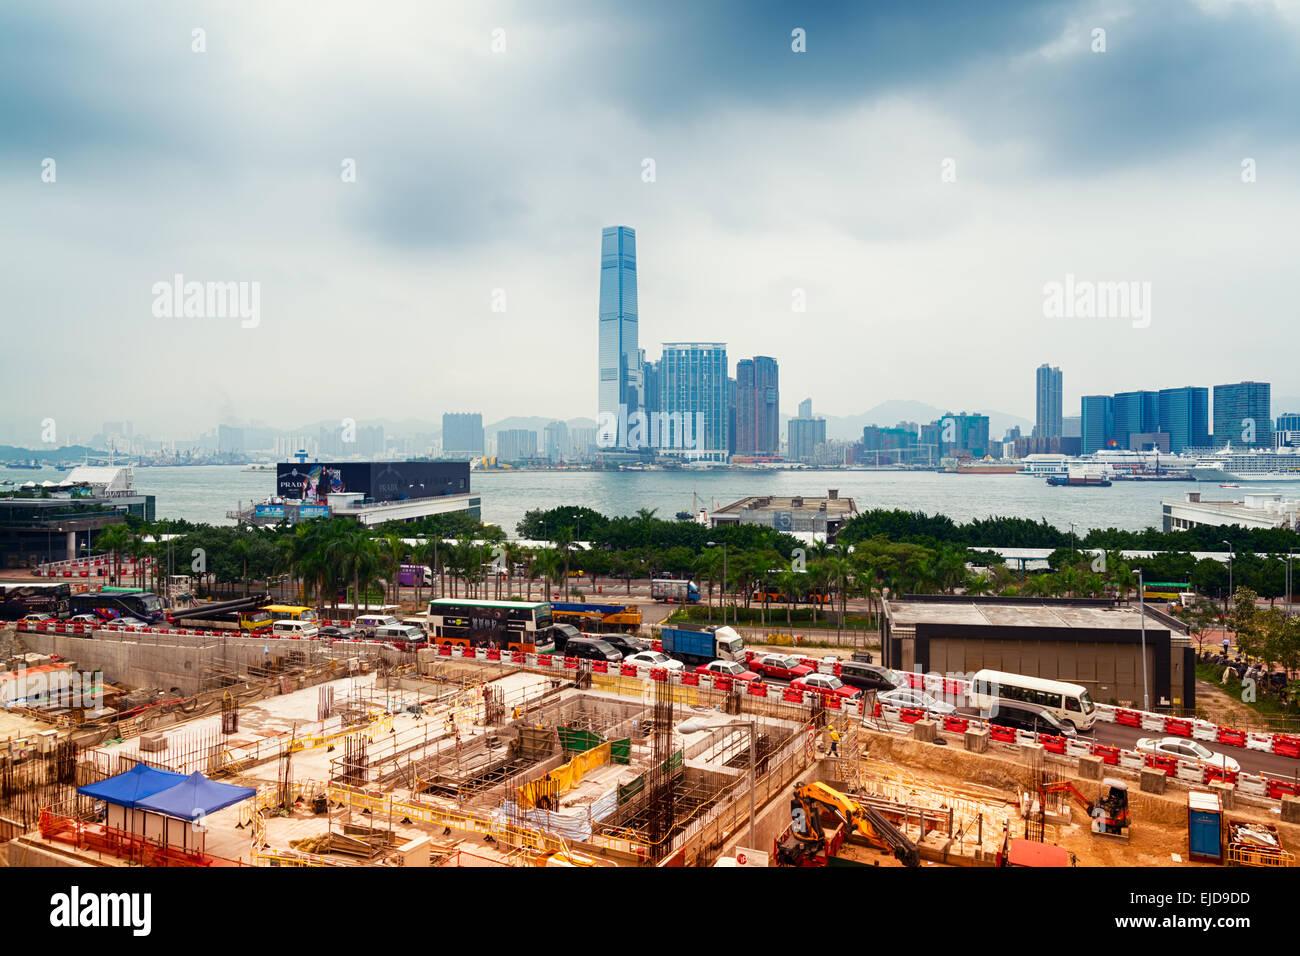 Hong Kong, Hong Kong SAR -November 12, 2014: Building site and the Central Piers area in Hong Kong. ICC - Stock Image